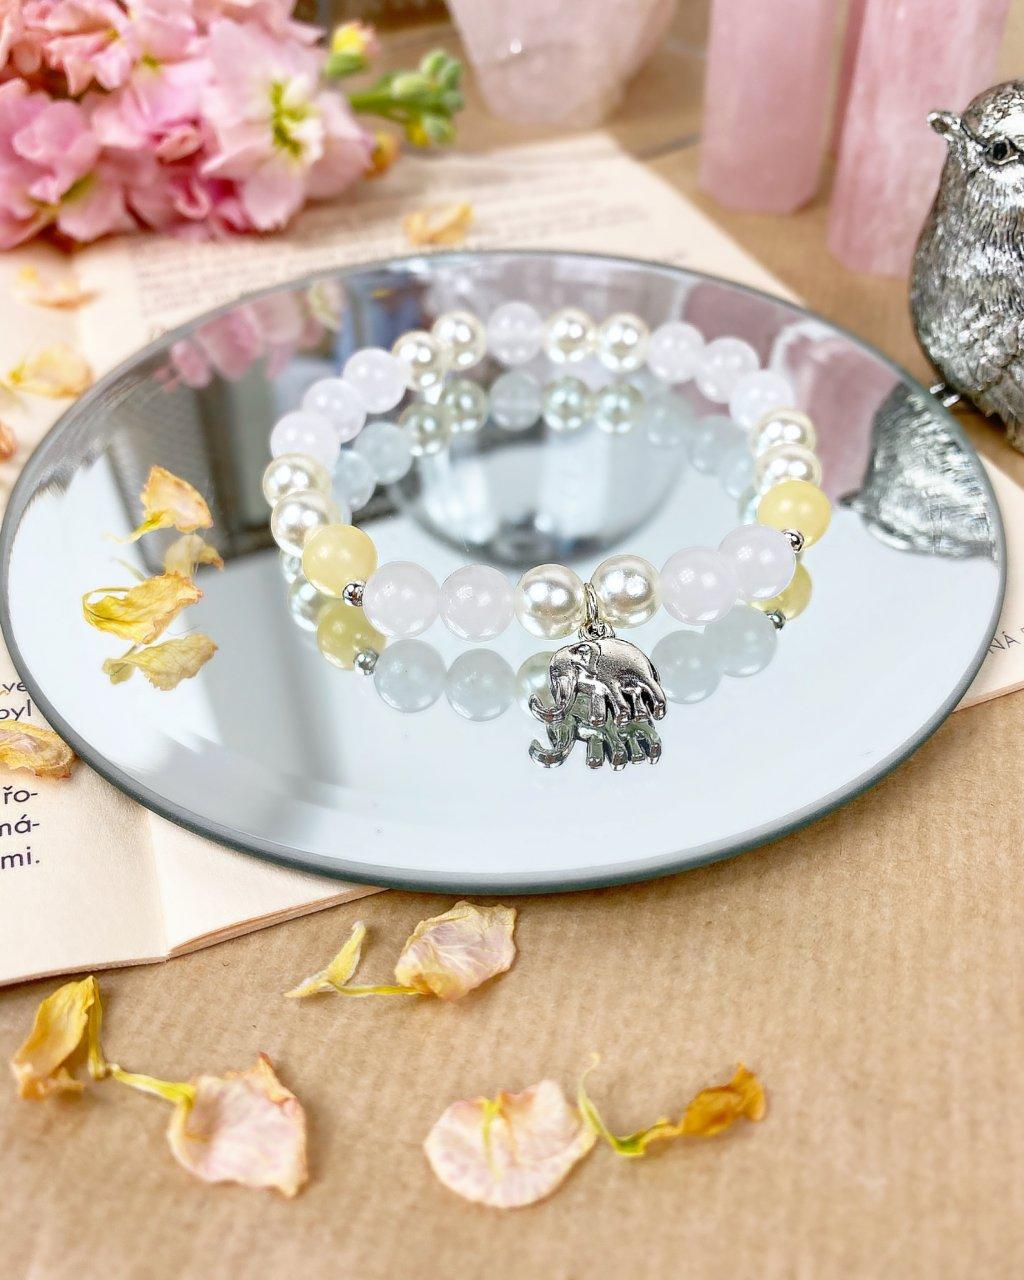 Náramek z minerálů pro štěstí s perlou, jadeitem sněžným a jaspisem žlutým